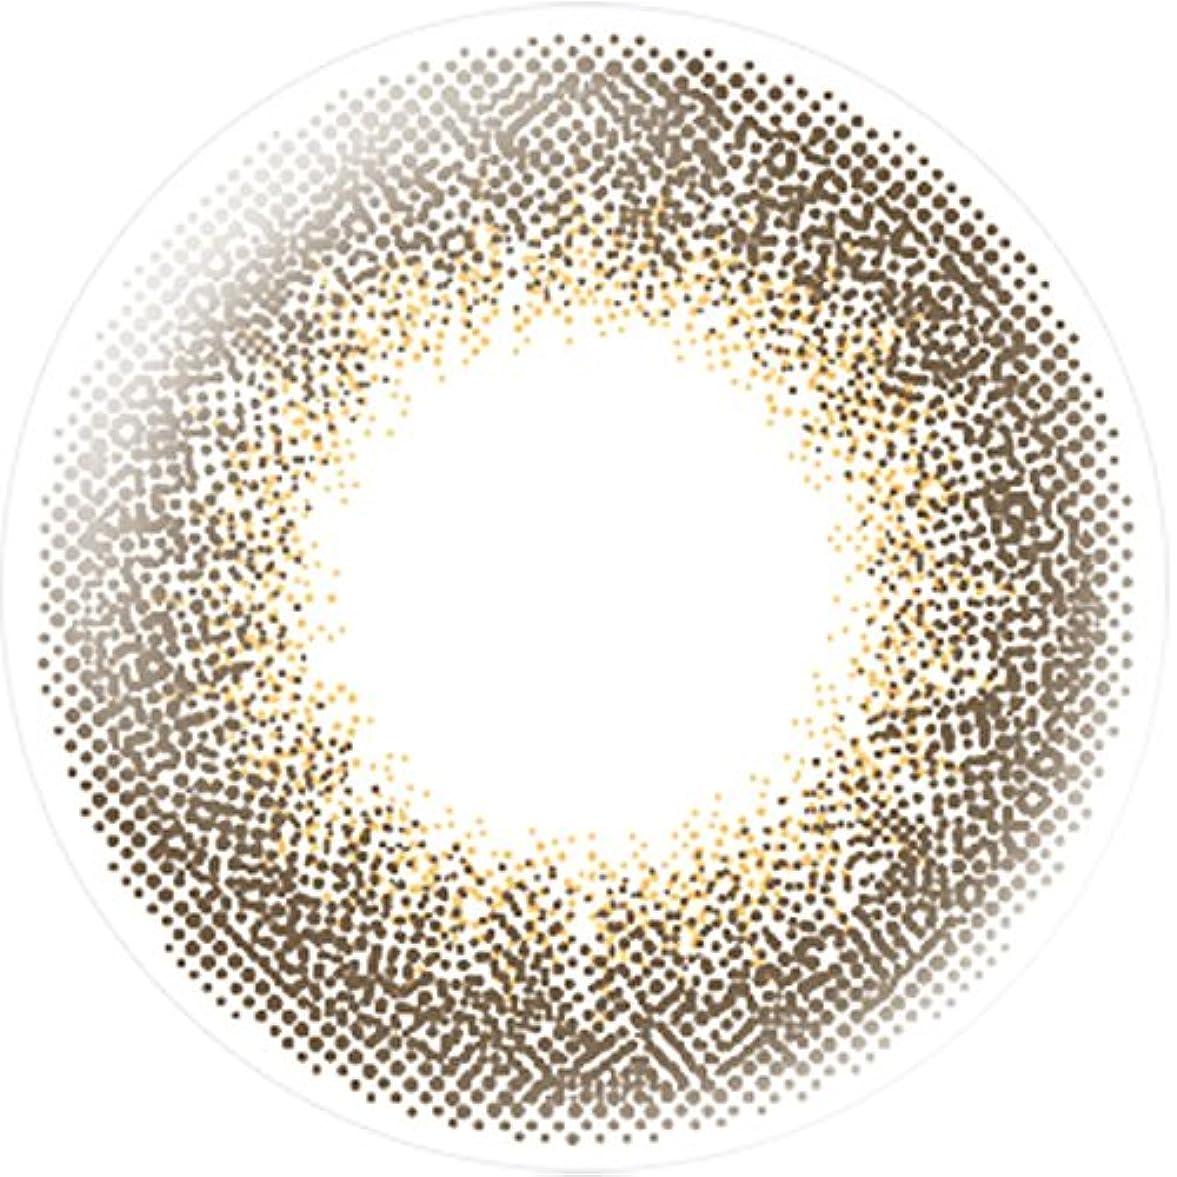 はっきりしないの慈悲で事務所エバーカラーワンデーナチュラル モイストレーベルUV 20枚×2箱【ブラウンマリアージュ PWR-2.25】沢尻エリカ 度あり カラコン EverColor 1day Natural MoistLabel UV